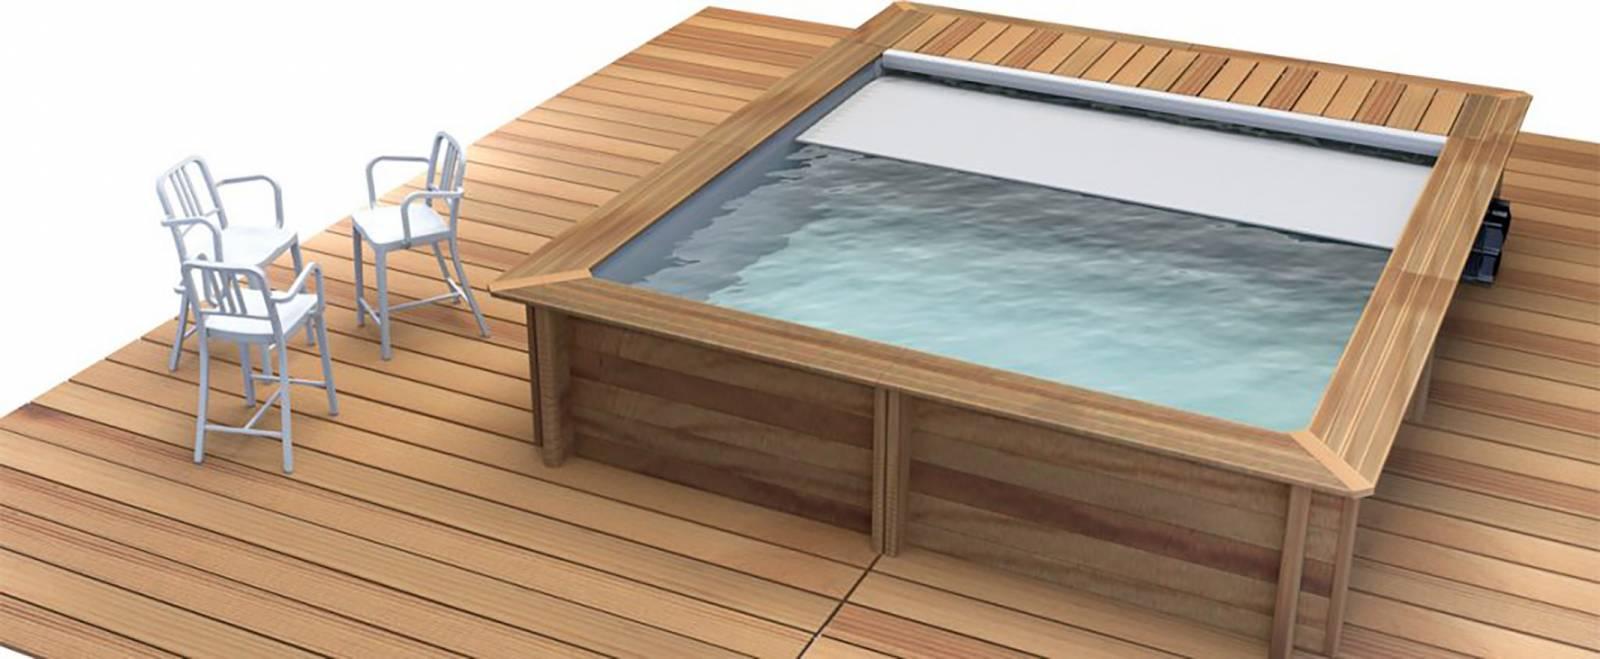 Tarif d 39 une piscine bois semi enterr e carr e monter soi m me sur lyon avec livraison piscine - Piscine bois octogonale lyon ...